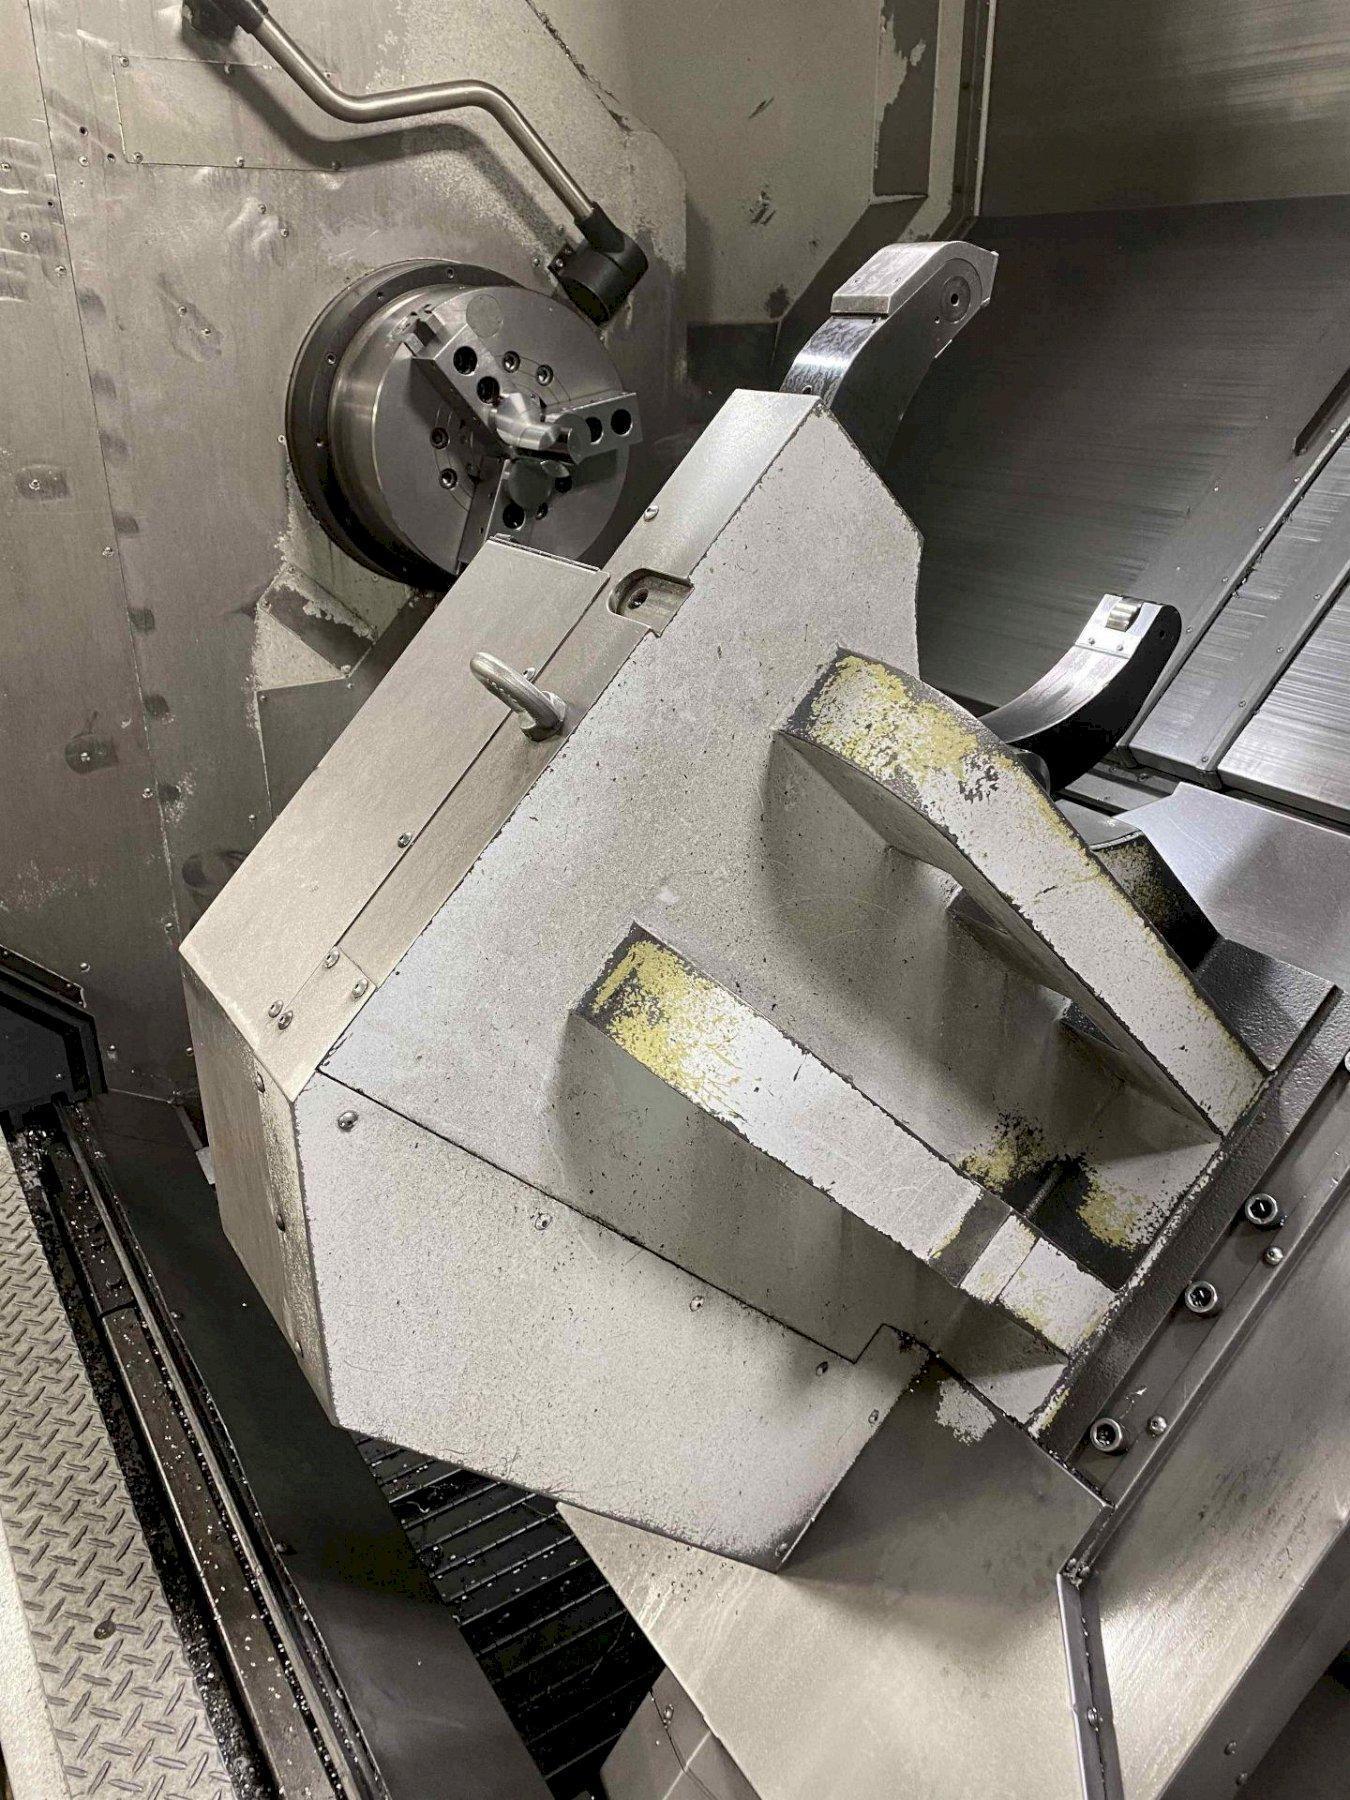 Mori Seiki NZL6000BY/4000 CNC Horizontal Lathe 2010